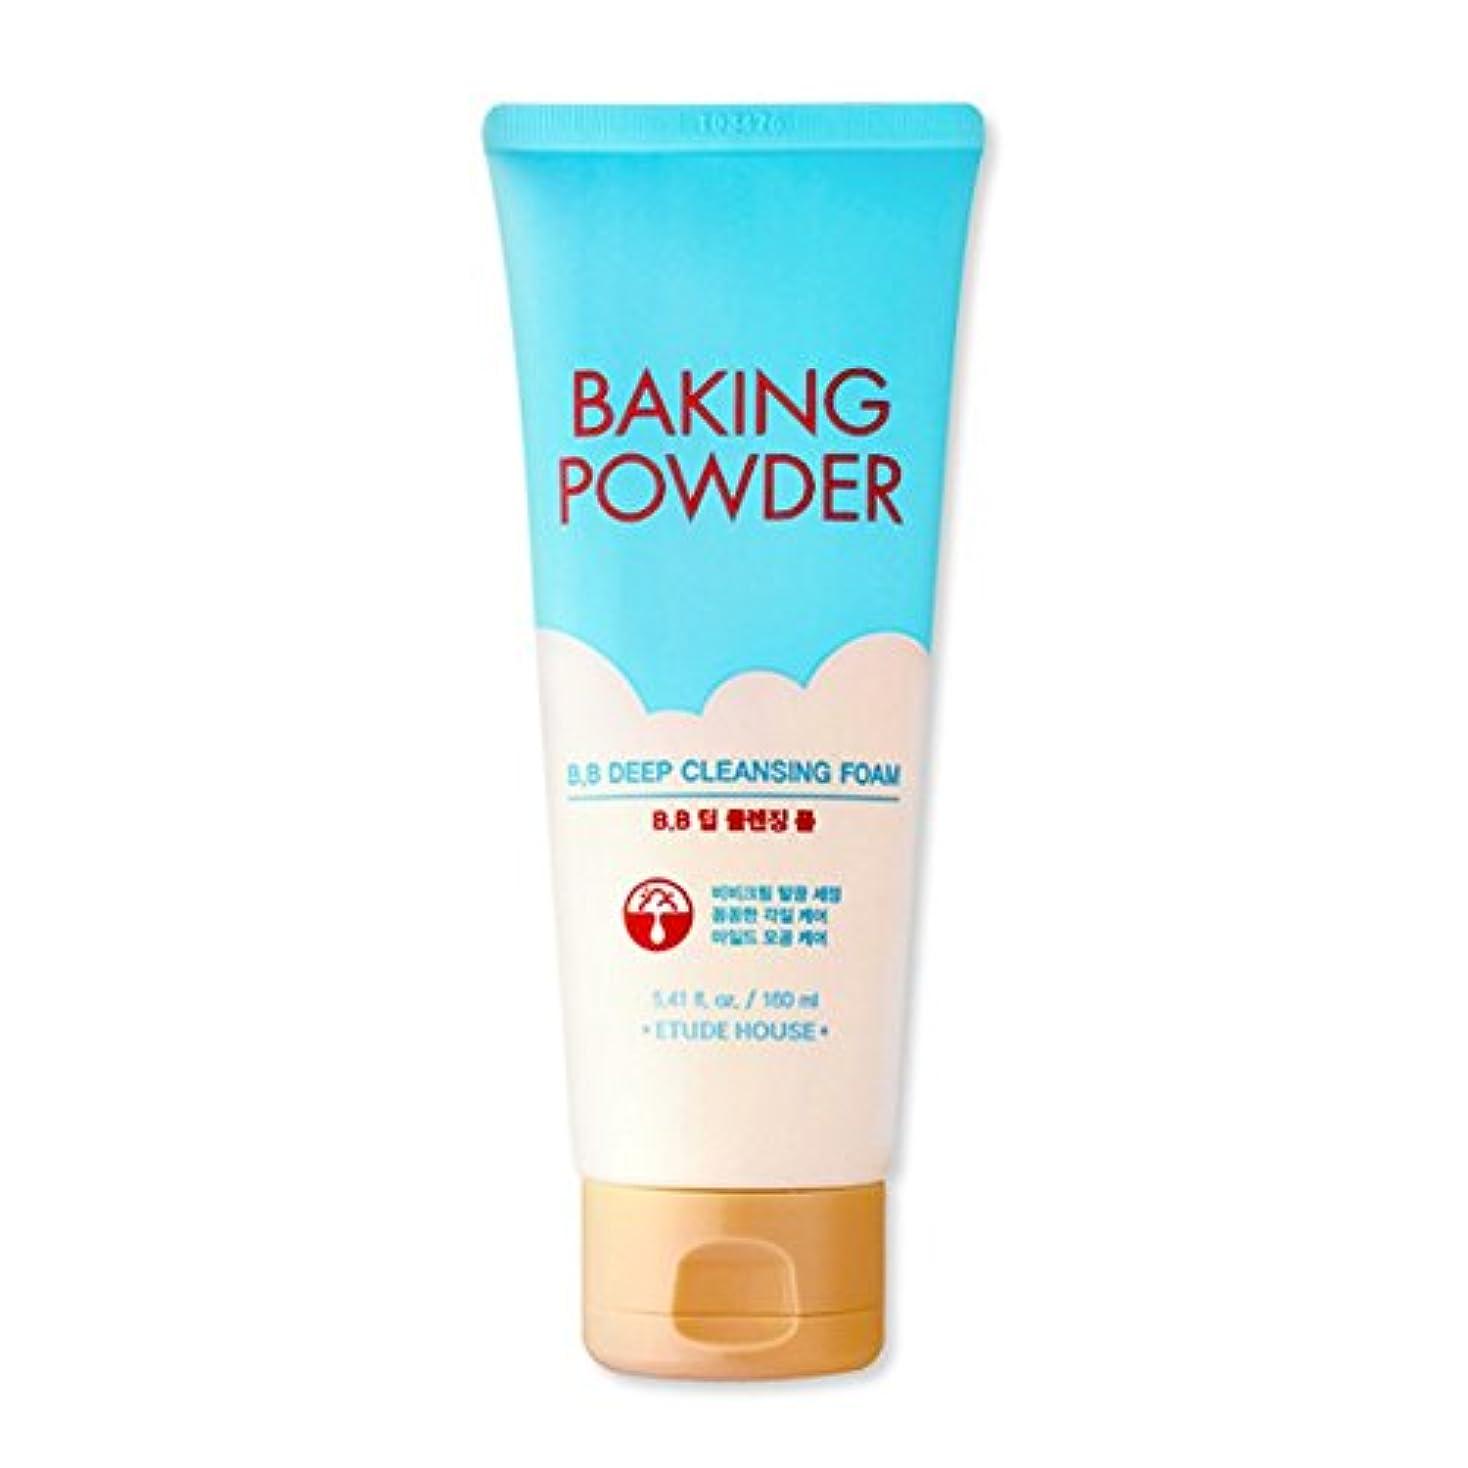 スクランブル孤独犯人[2016 Upgrade!] ETUDE HOUSE Baking Powder B.B Deep Cleansing Foam 160ml/エチュードハウス ベーキング パウダー B.B ディープ クレンジング フォーム...